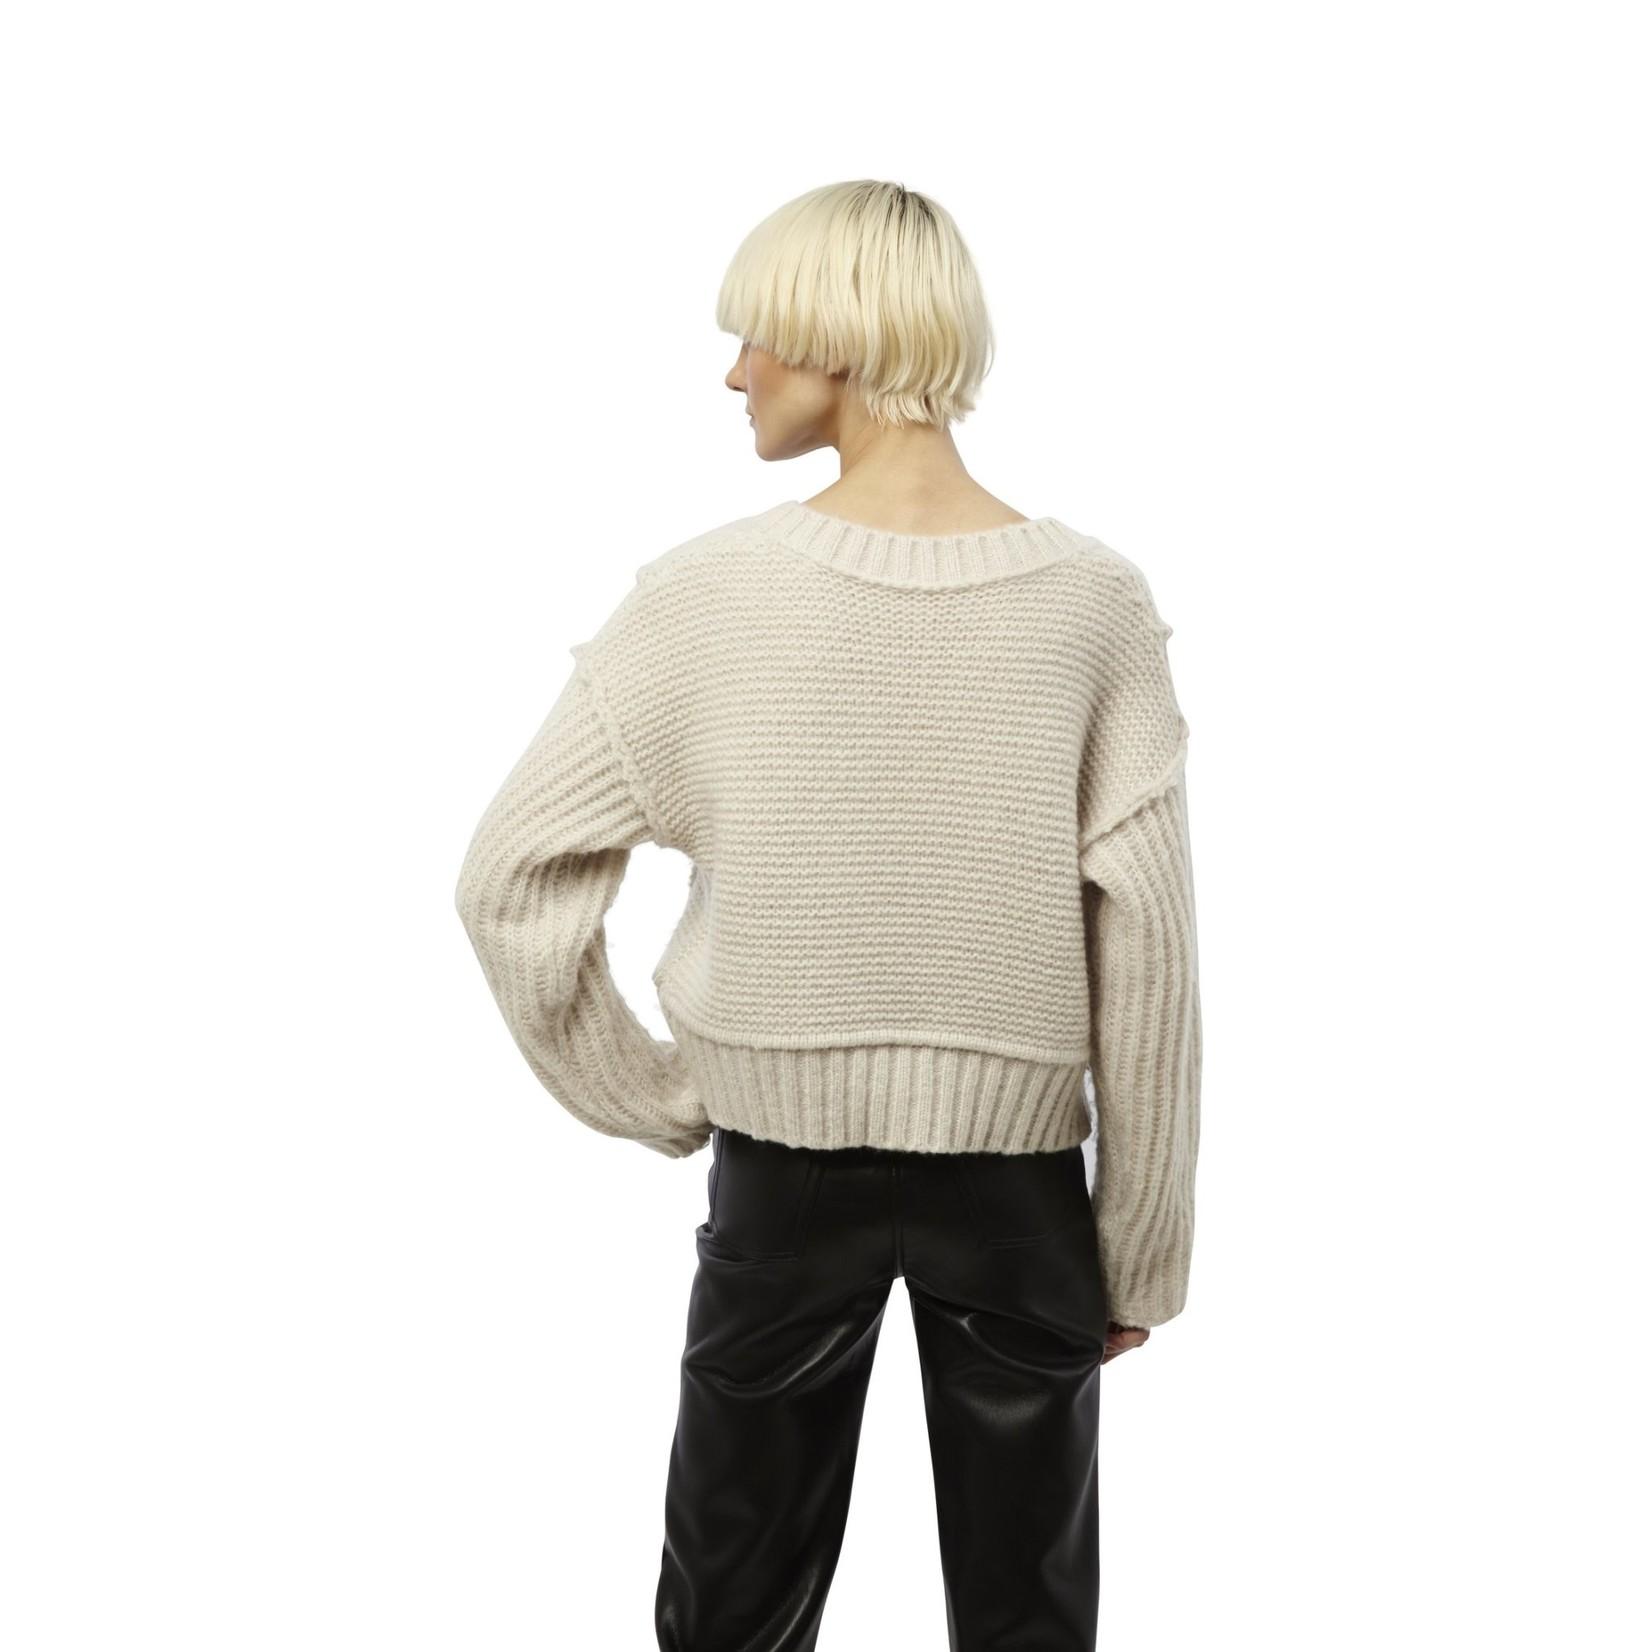 Apparis Alicia Sweater